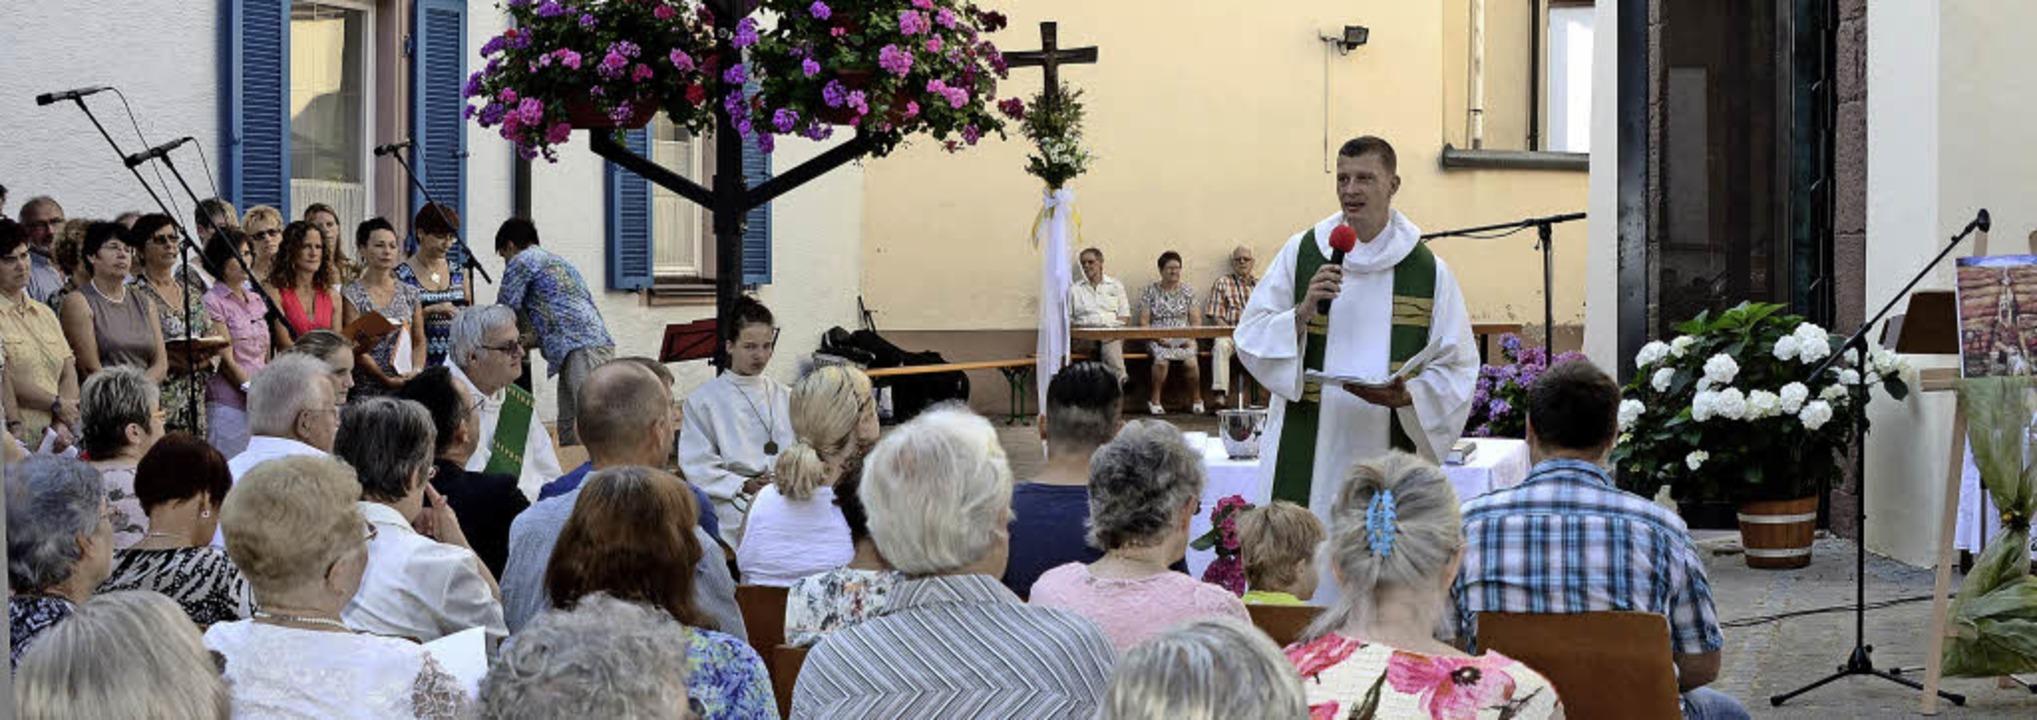 Forchheim. Pfarrer Jürgen Schindler bei der Festansprache.  | Foto: Roland Vitt